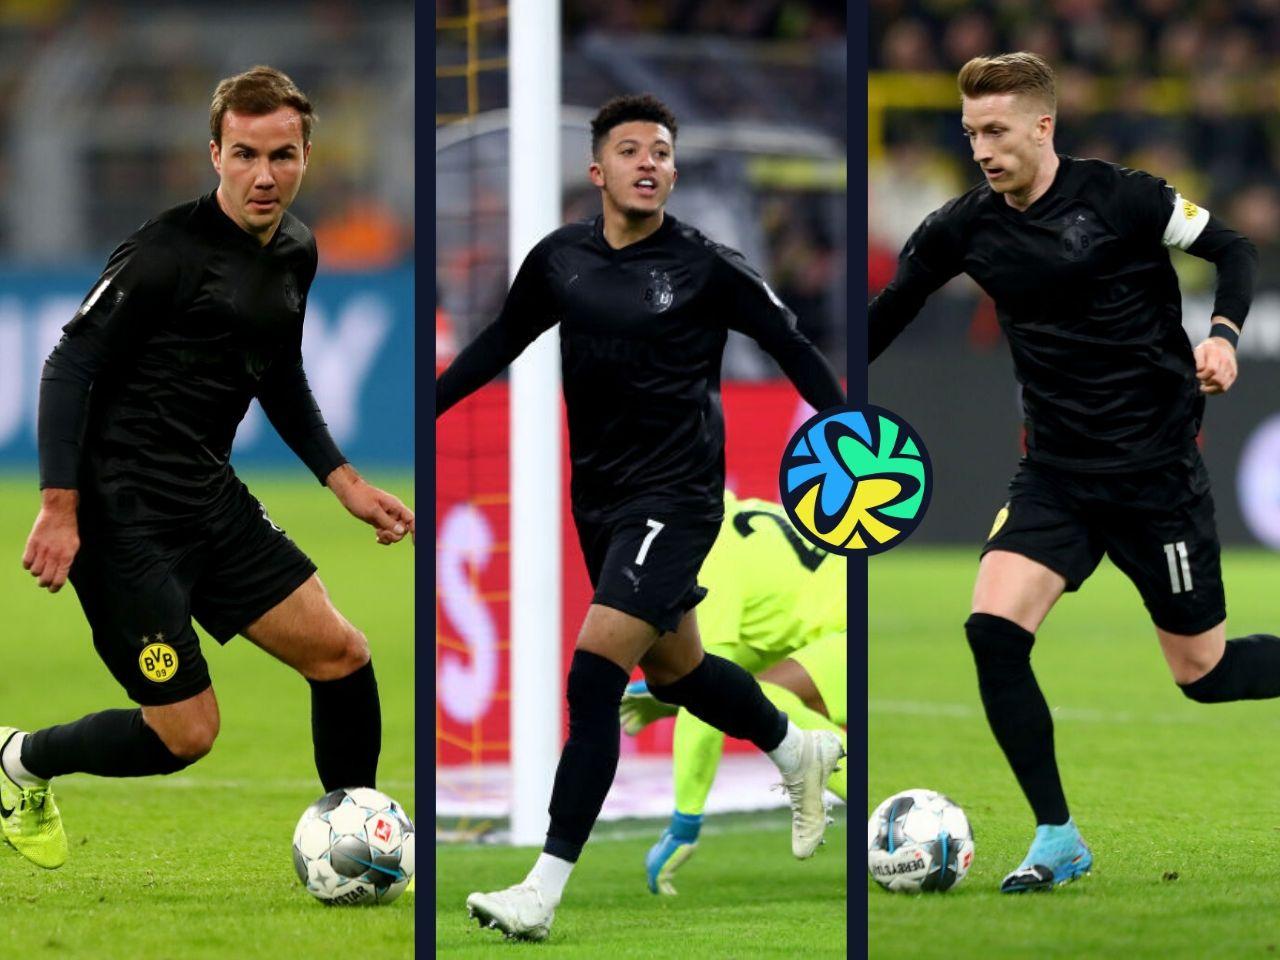 Jadon Sancho Marco Reus Borussia Dortmund Lucien Favre